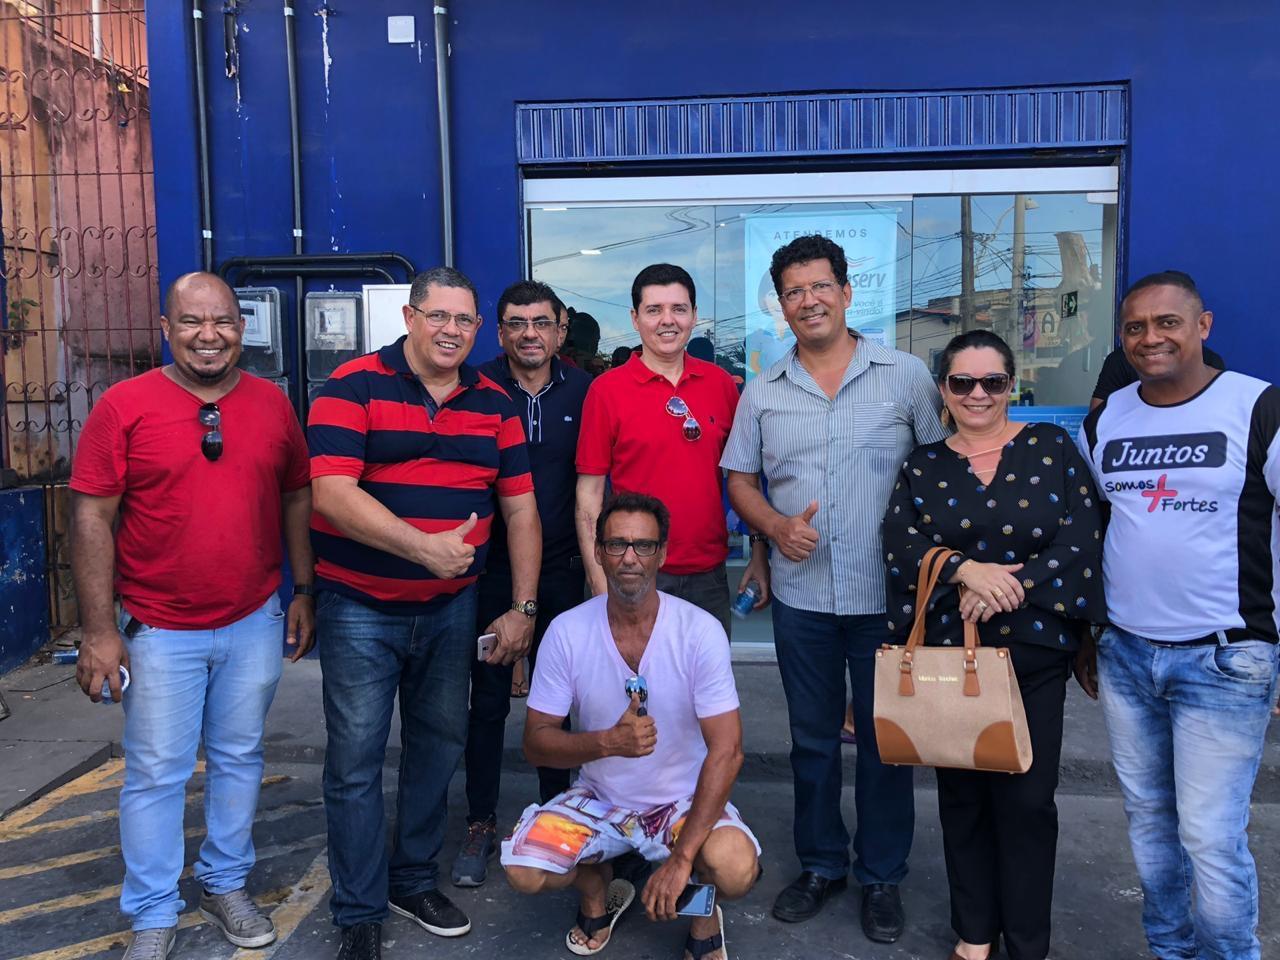 Grupo Juntos Somos Mais Fortes cada vez mais se solidificando em Lauro de Freitas